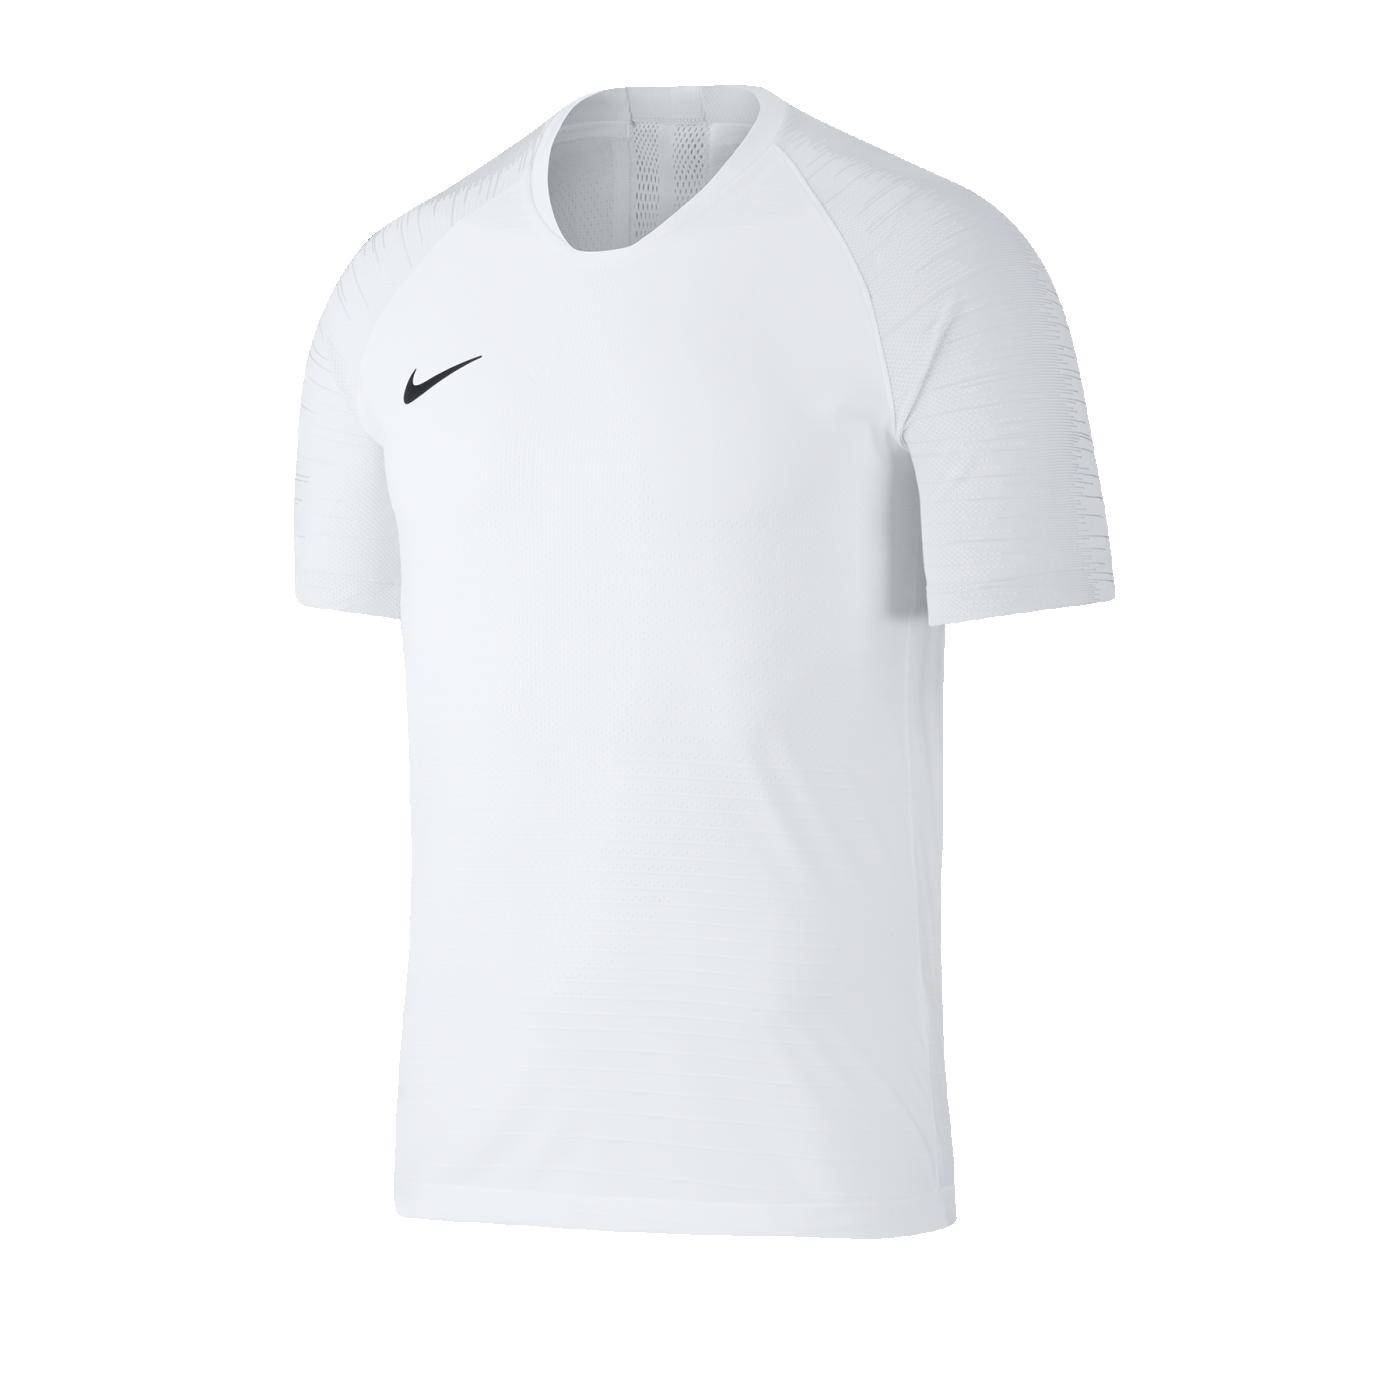 Nike Vaporknit II Trikot kurzarm Weiss F100